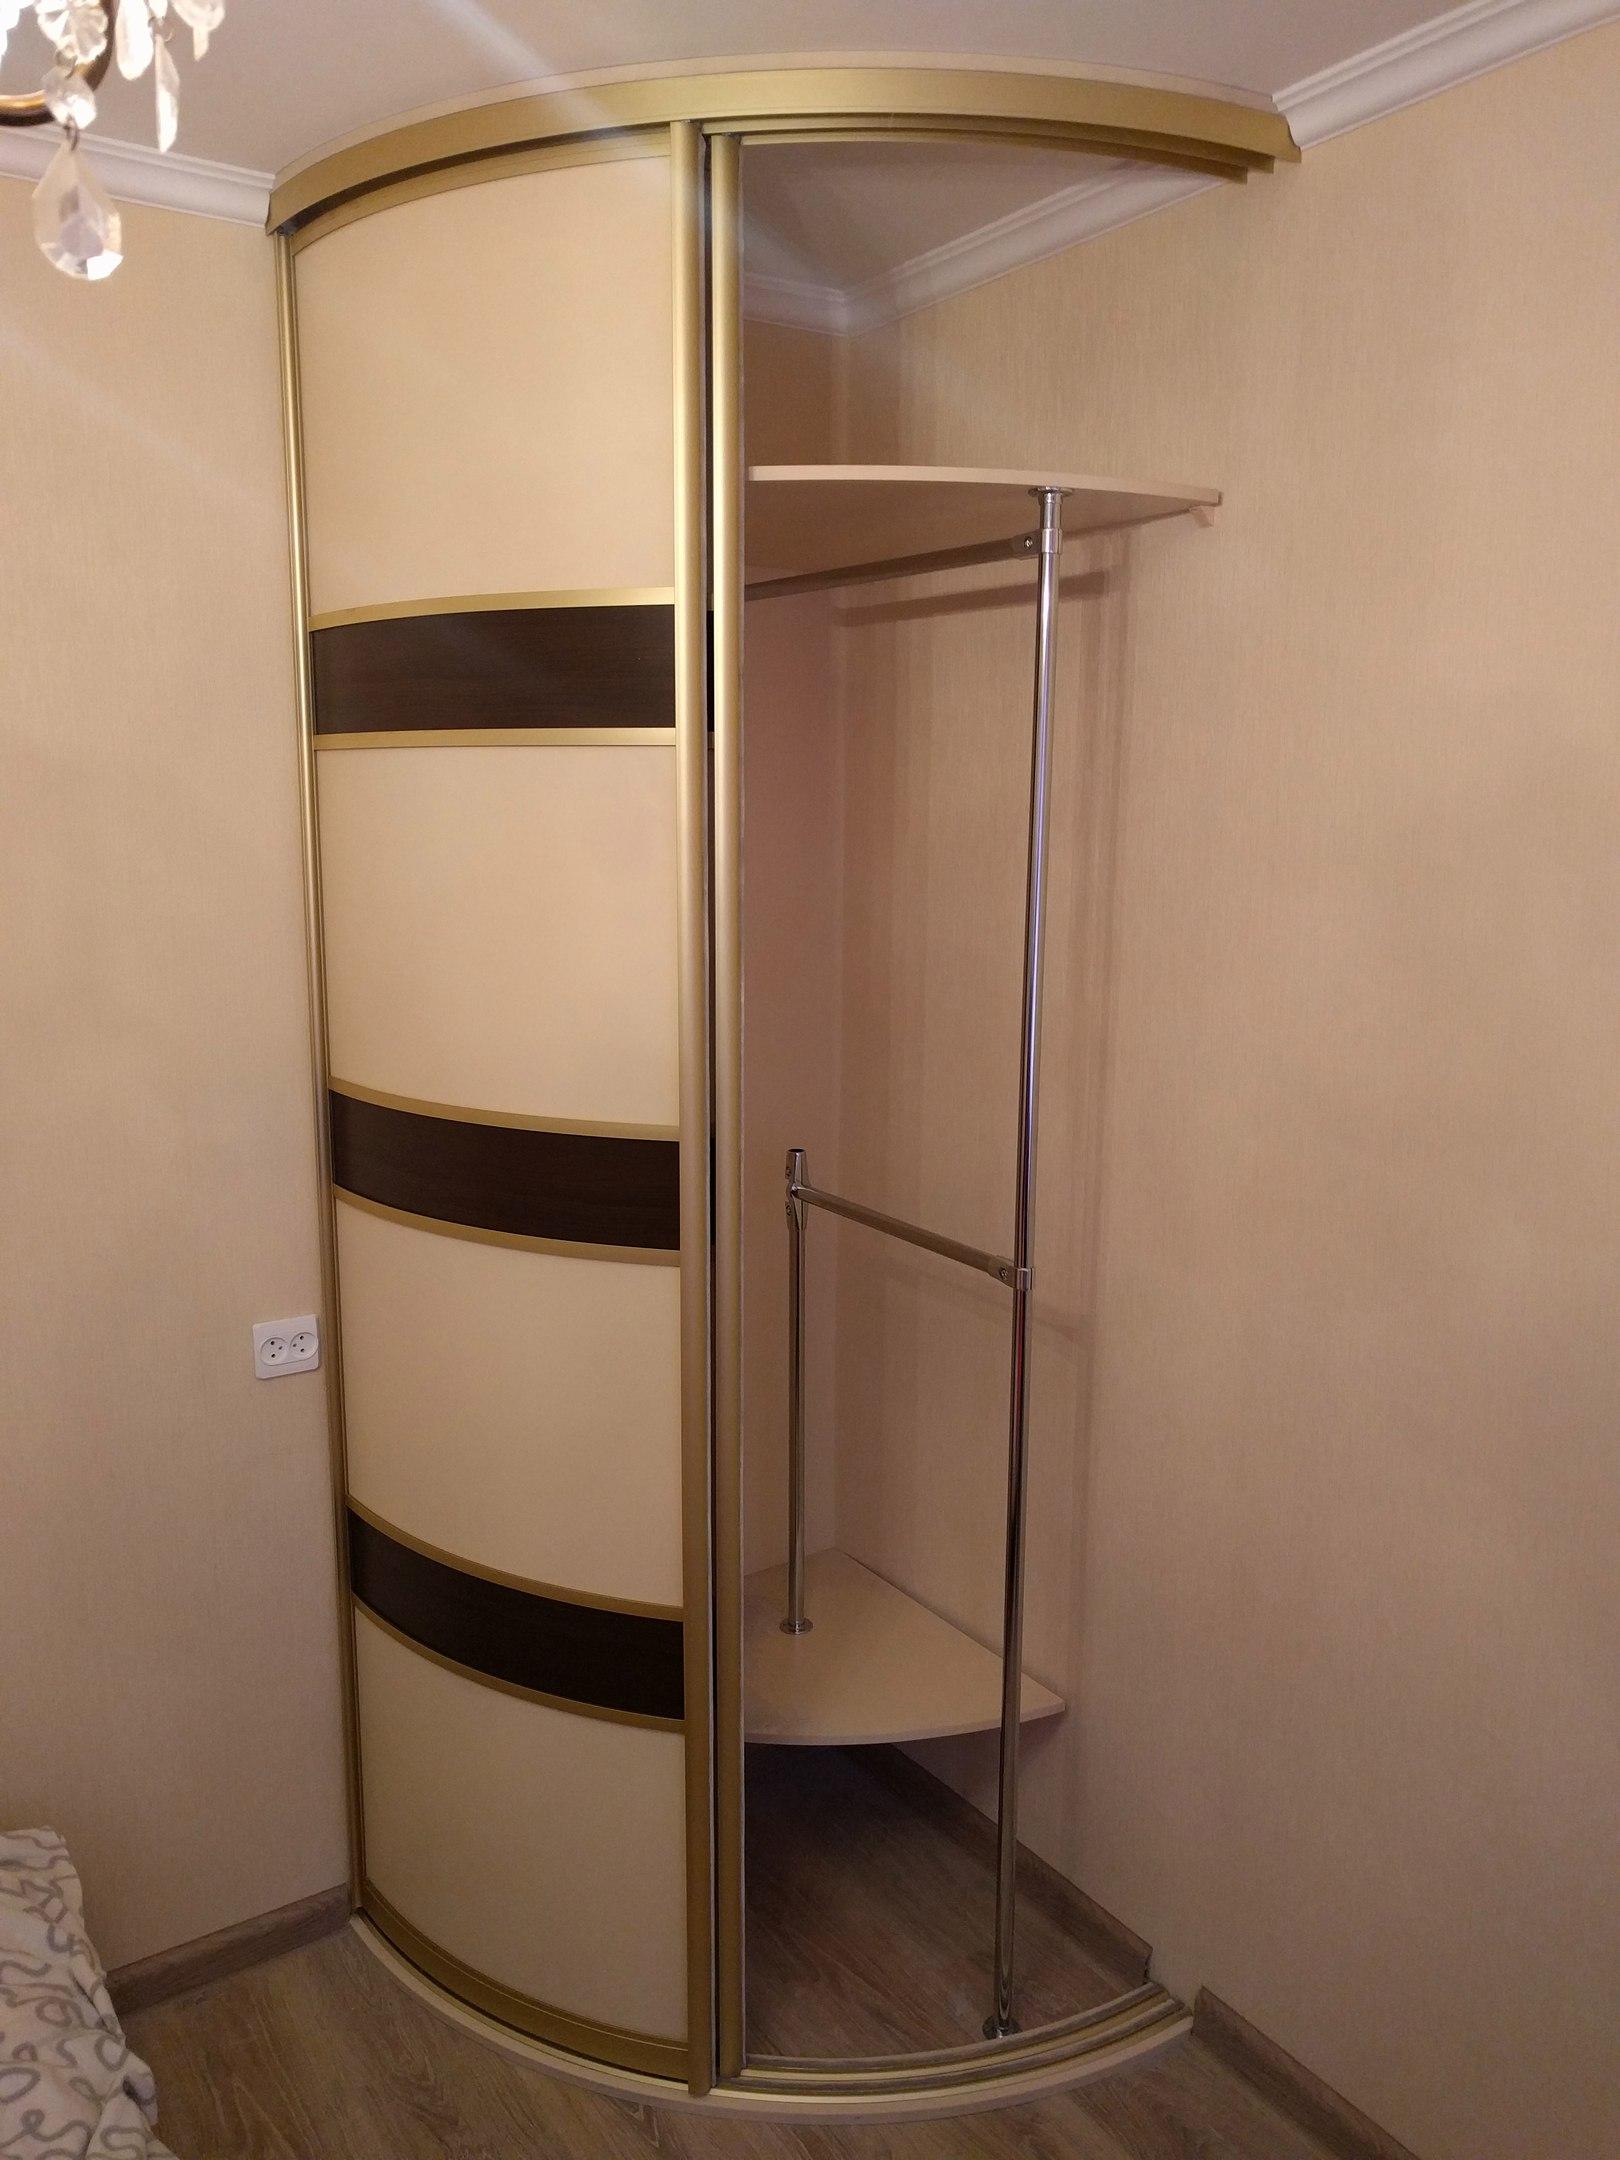 Шкаф расчитан на хранение повседневного запаса одежды